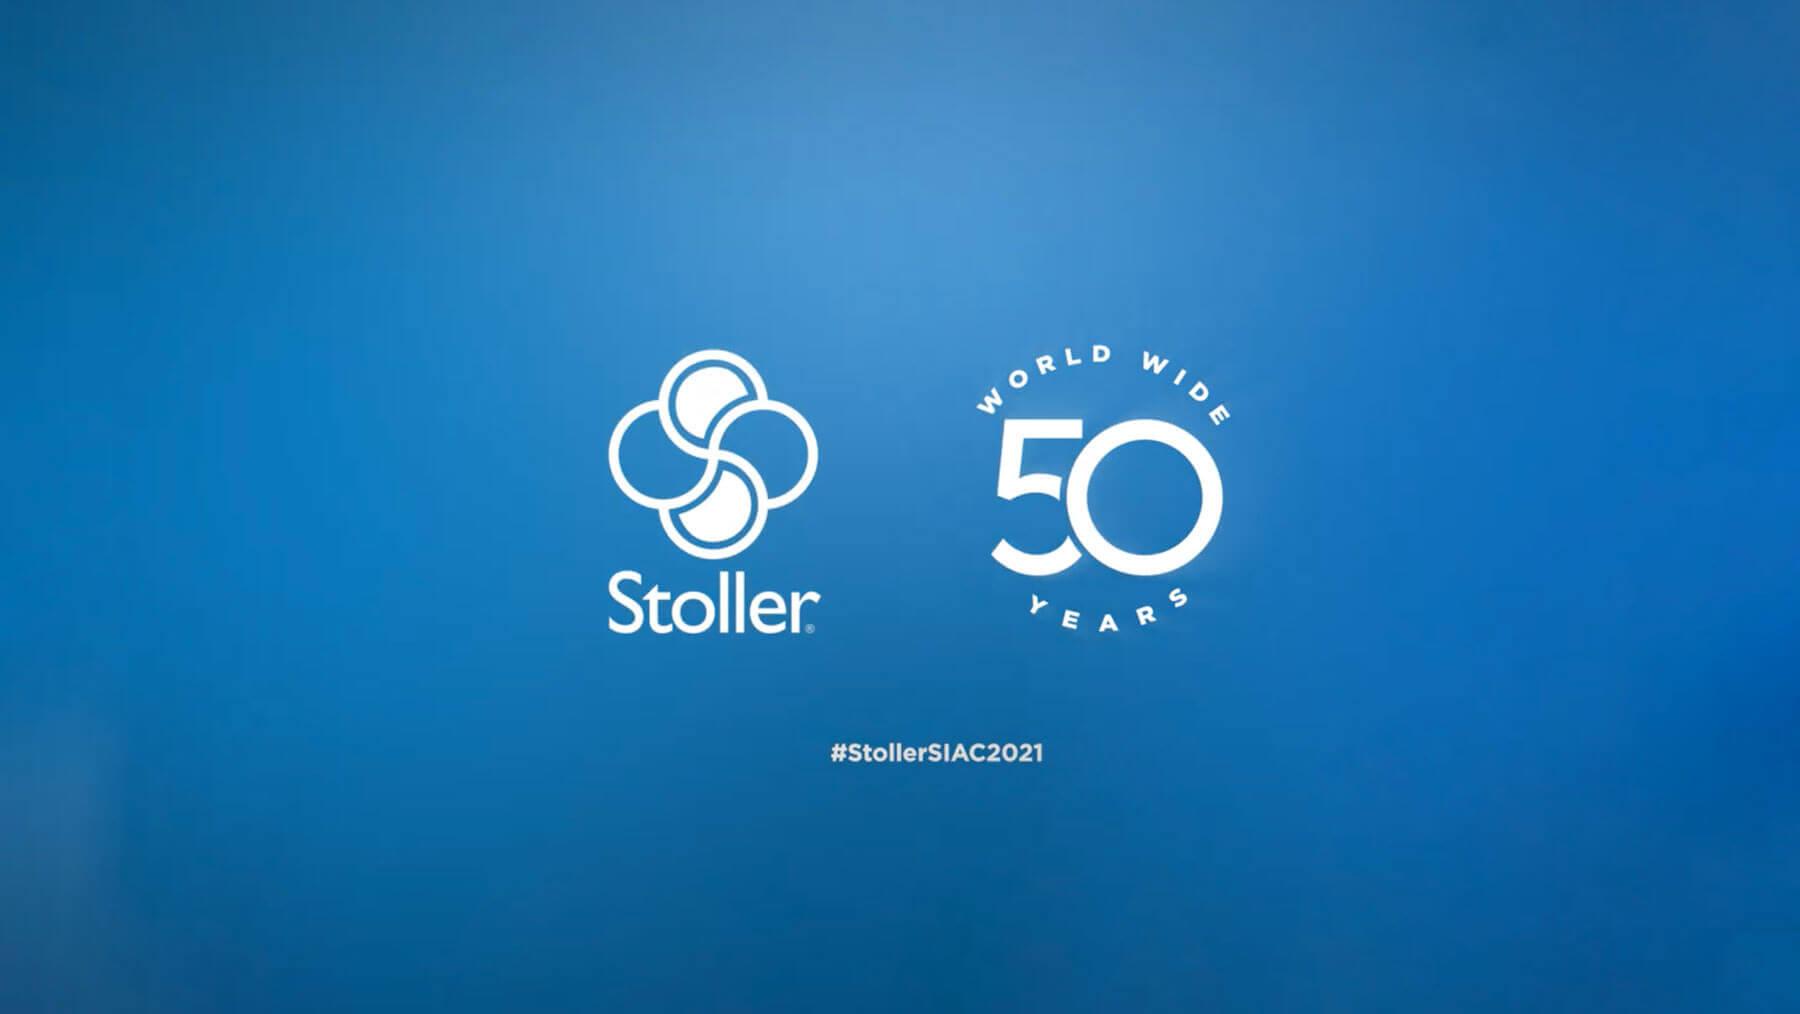 Stoller firması, her yıl gerçekleştirdiği SIAC (Stoller International Assosiation Conference) Konferansını bu yıl ilk defa sanal ortamda gerçekleştirdi.